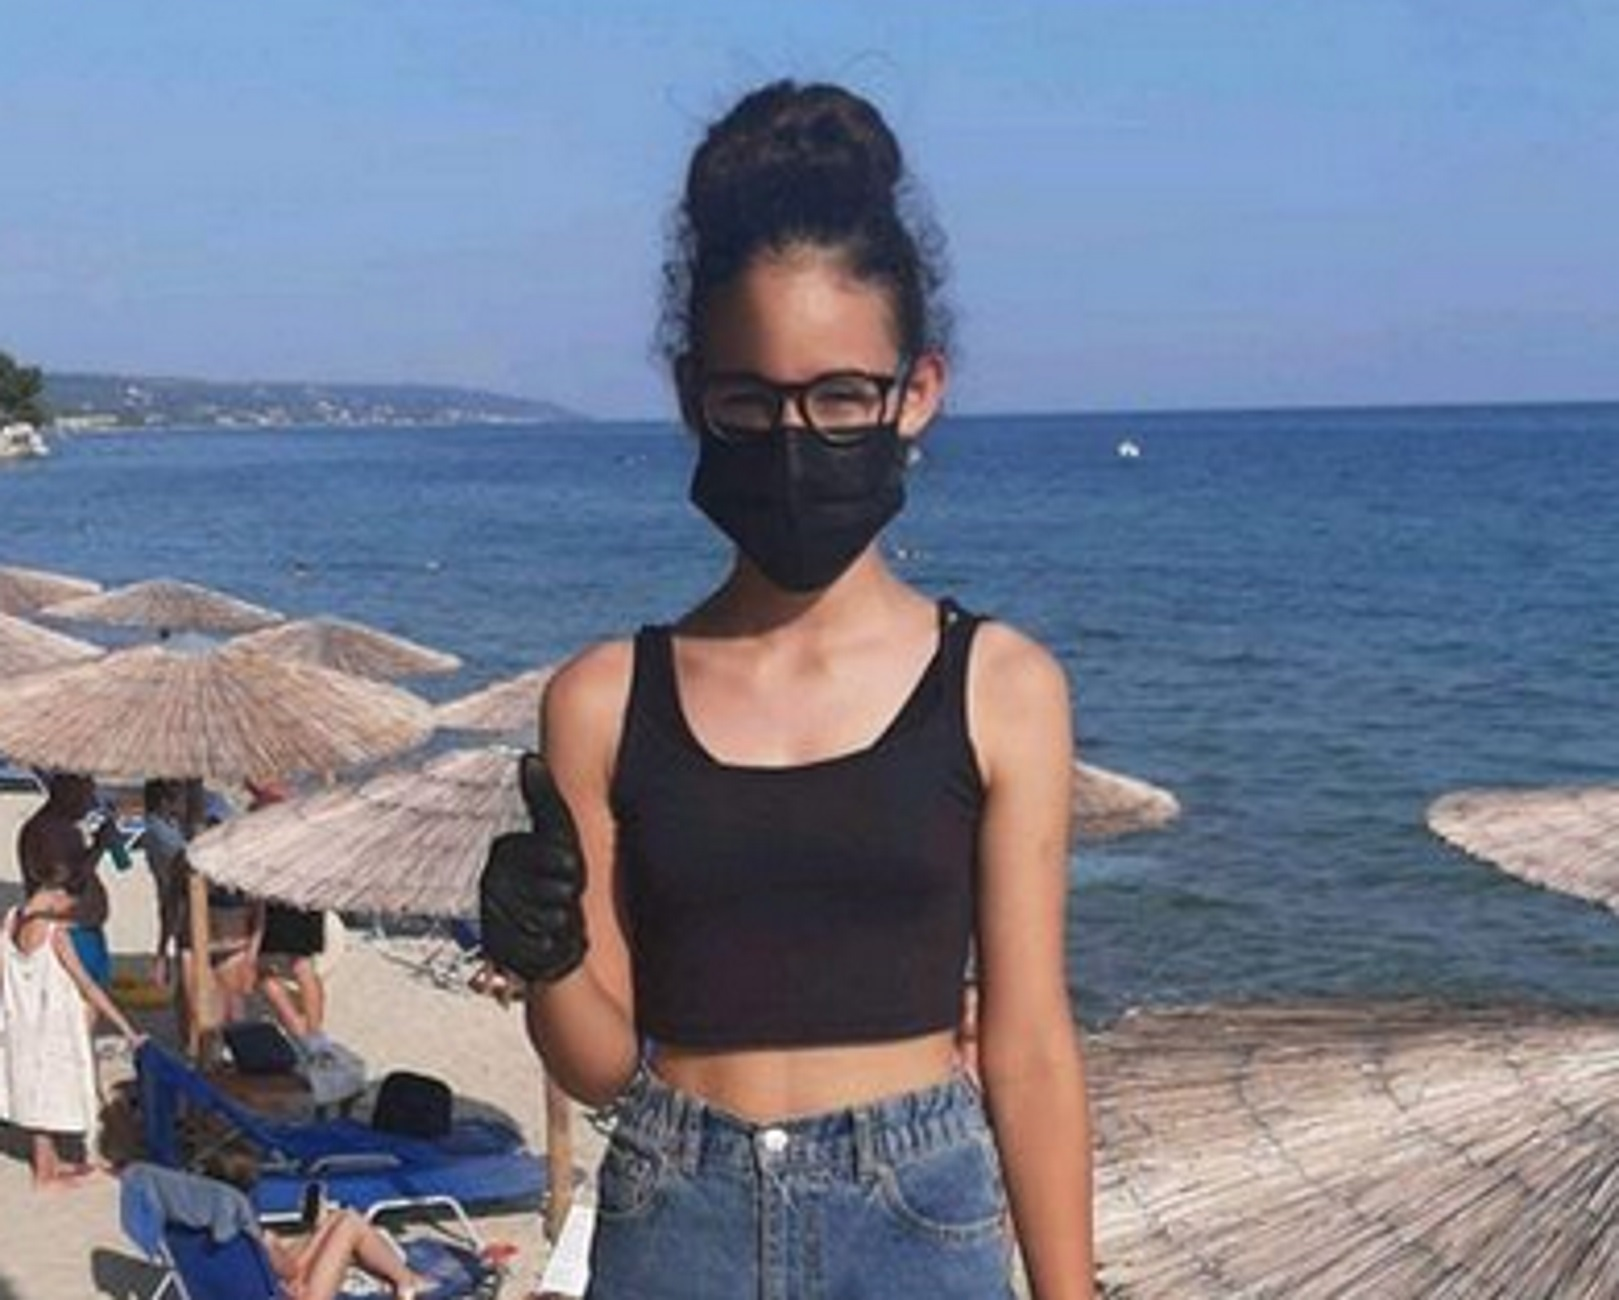 Χαλκιδική: Αυτή είναι η 12χρονη Λεμονιά που έγινε ηρωίδα μέσα από μια δραματική διάσωση σε παραλία